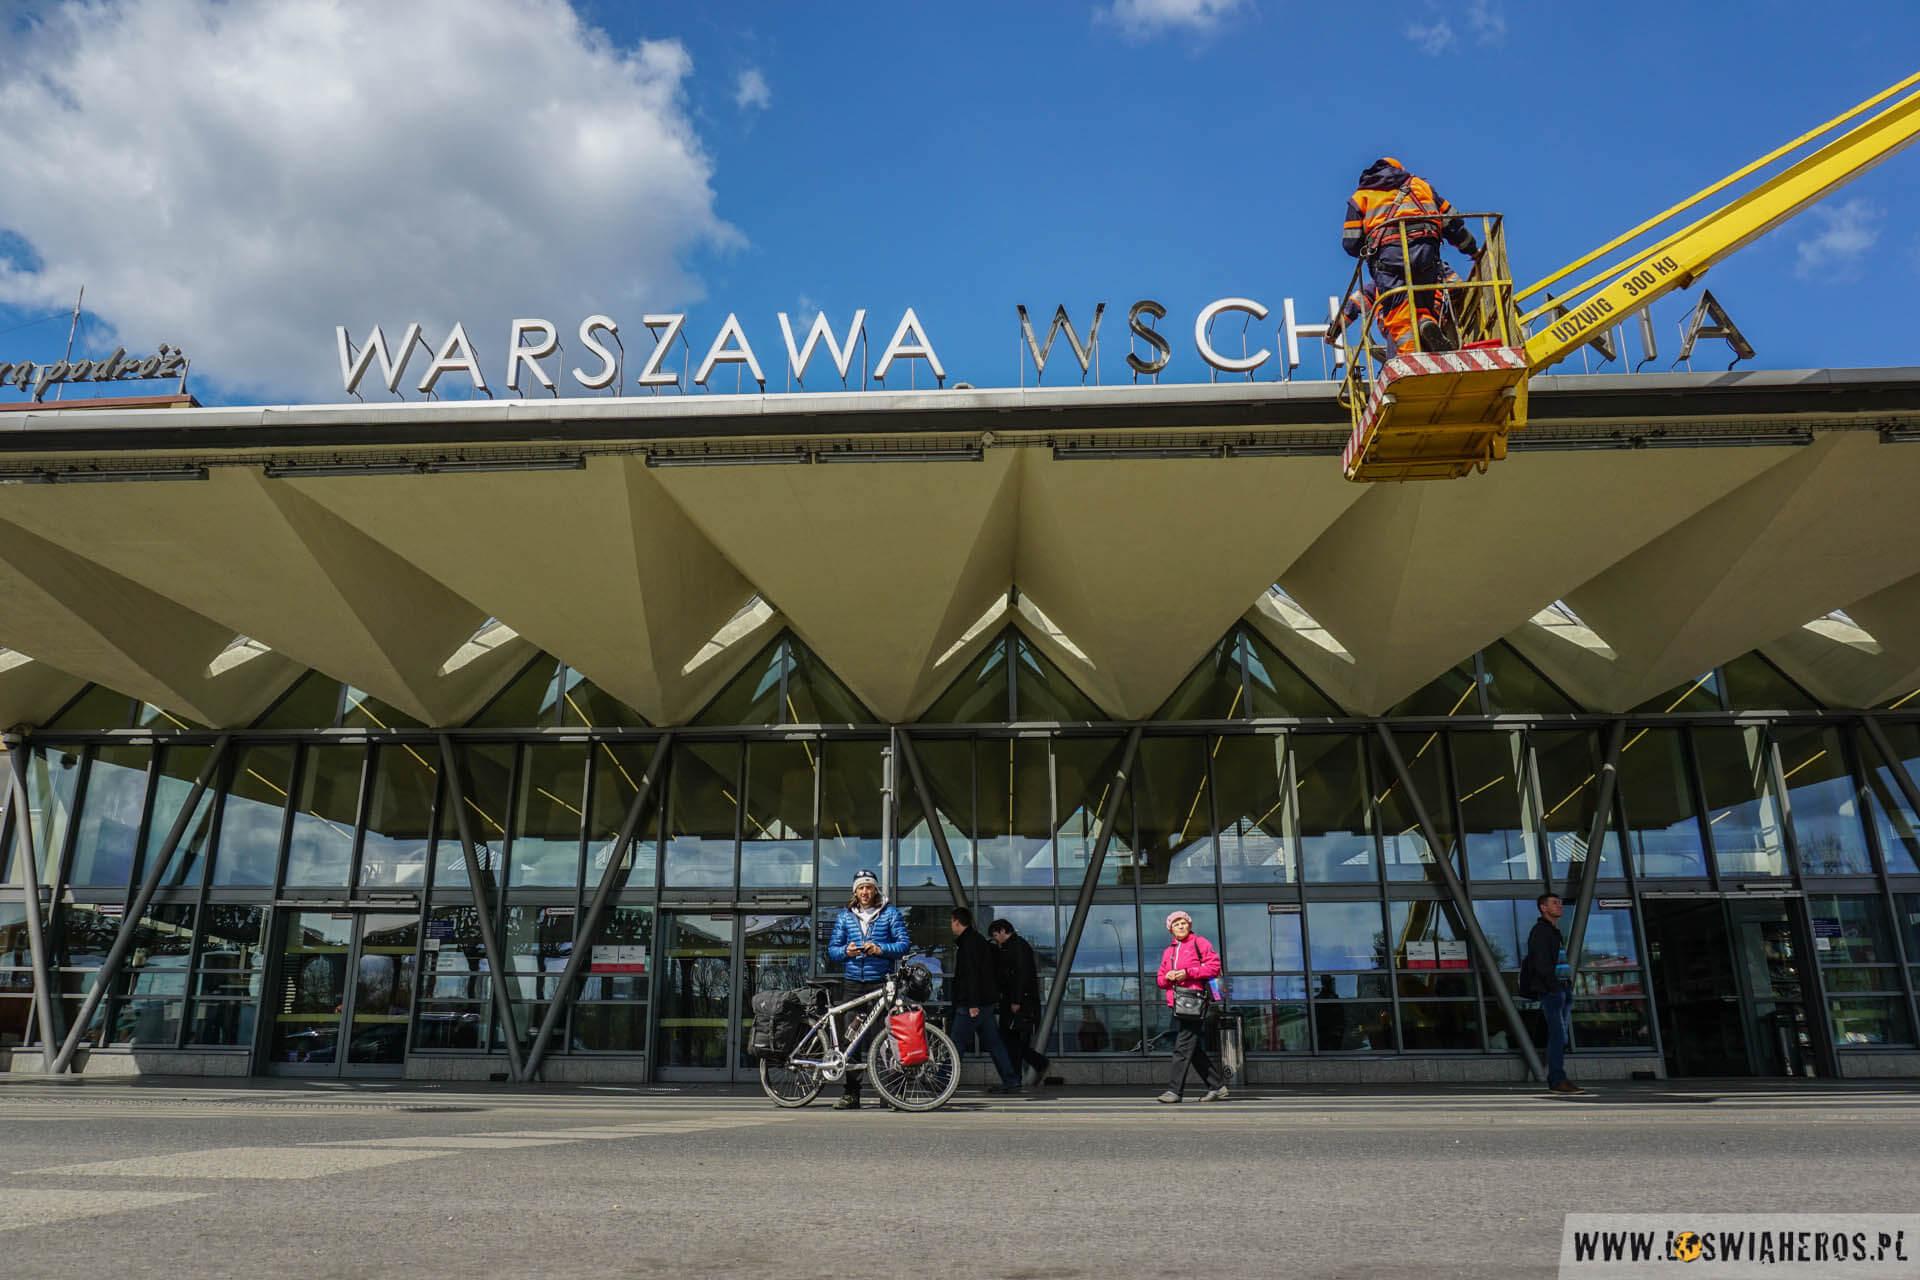 Andrzej startuje z Warszawy pociągiem, a dalej z Gdańska promem do Szwecji.